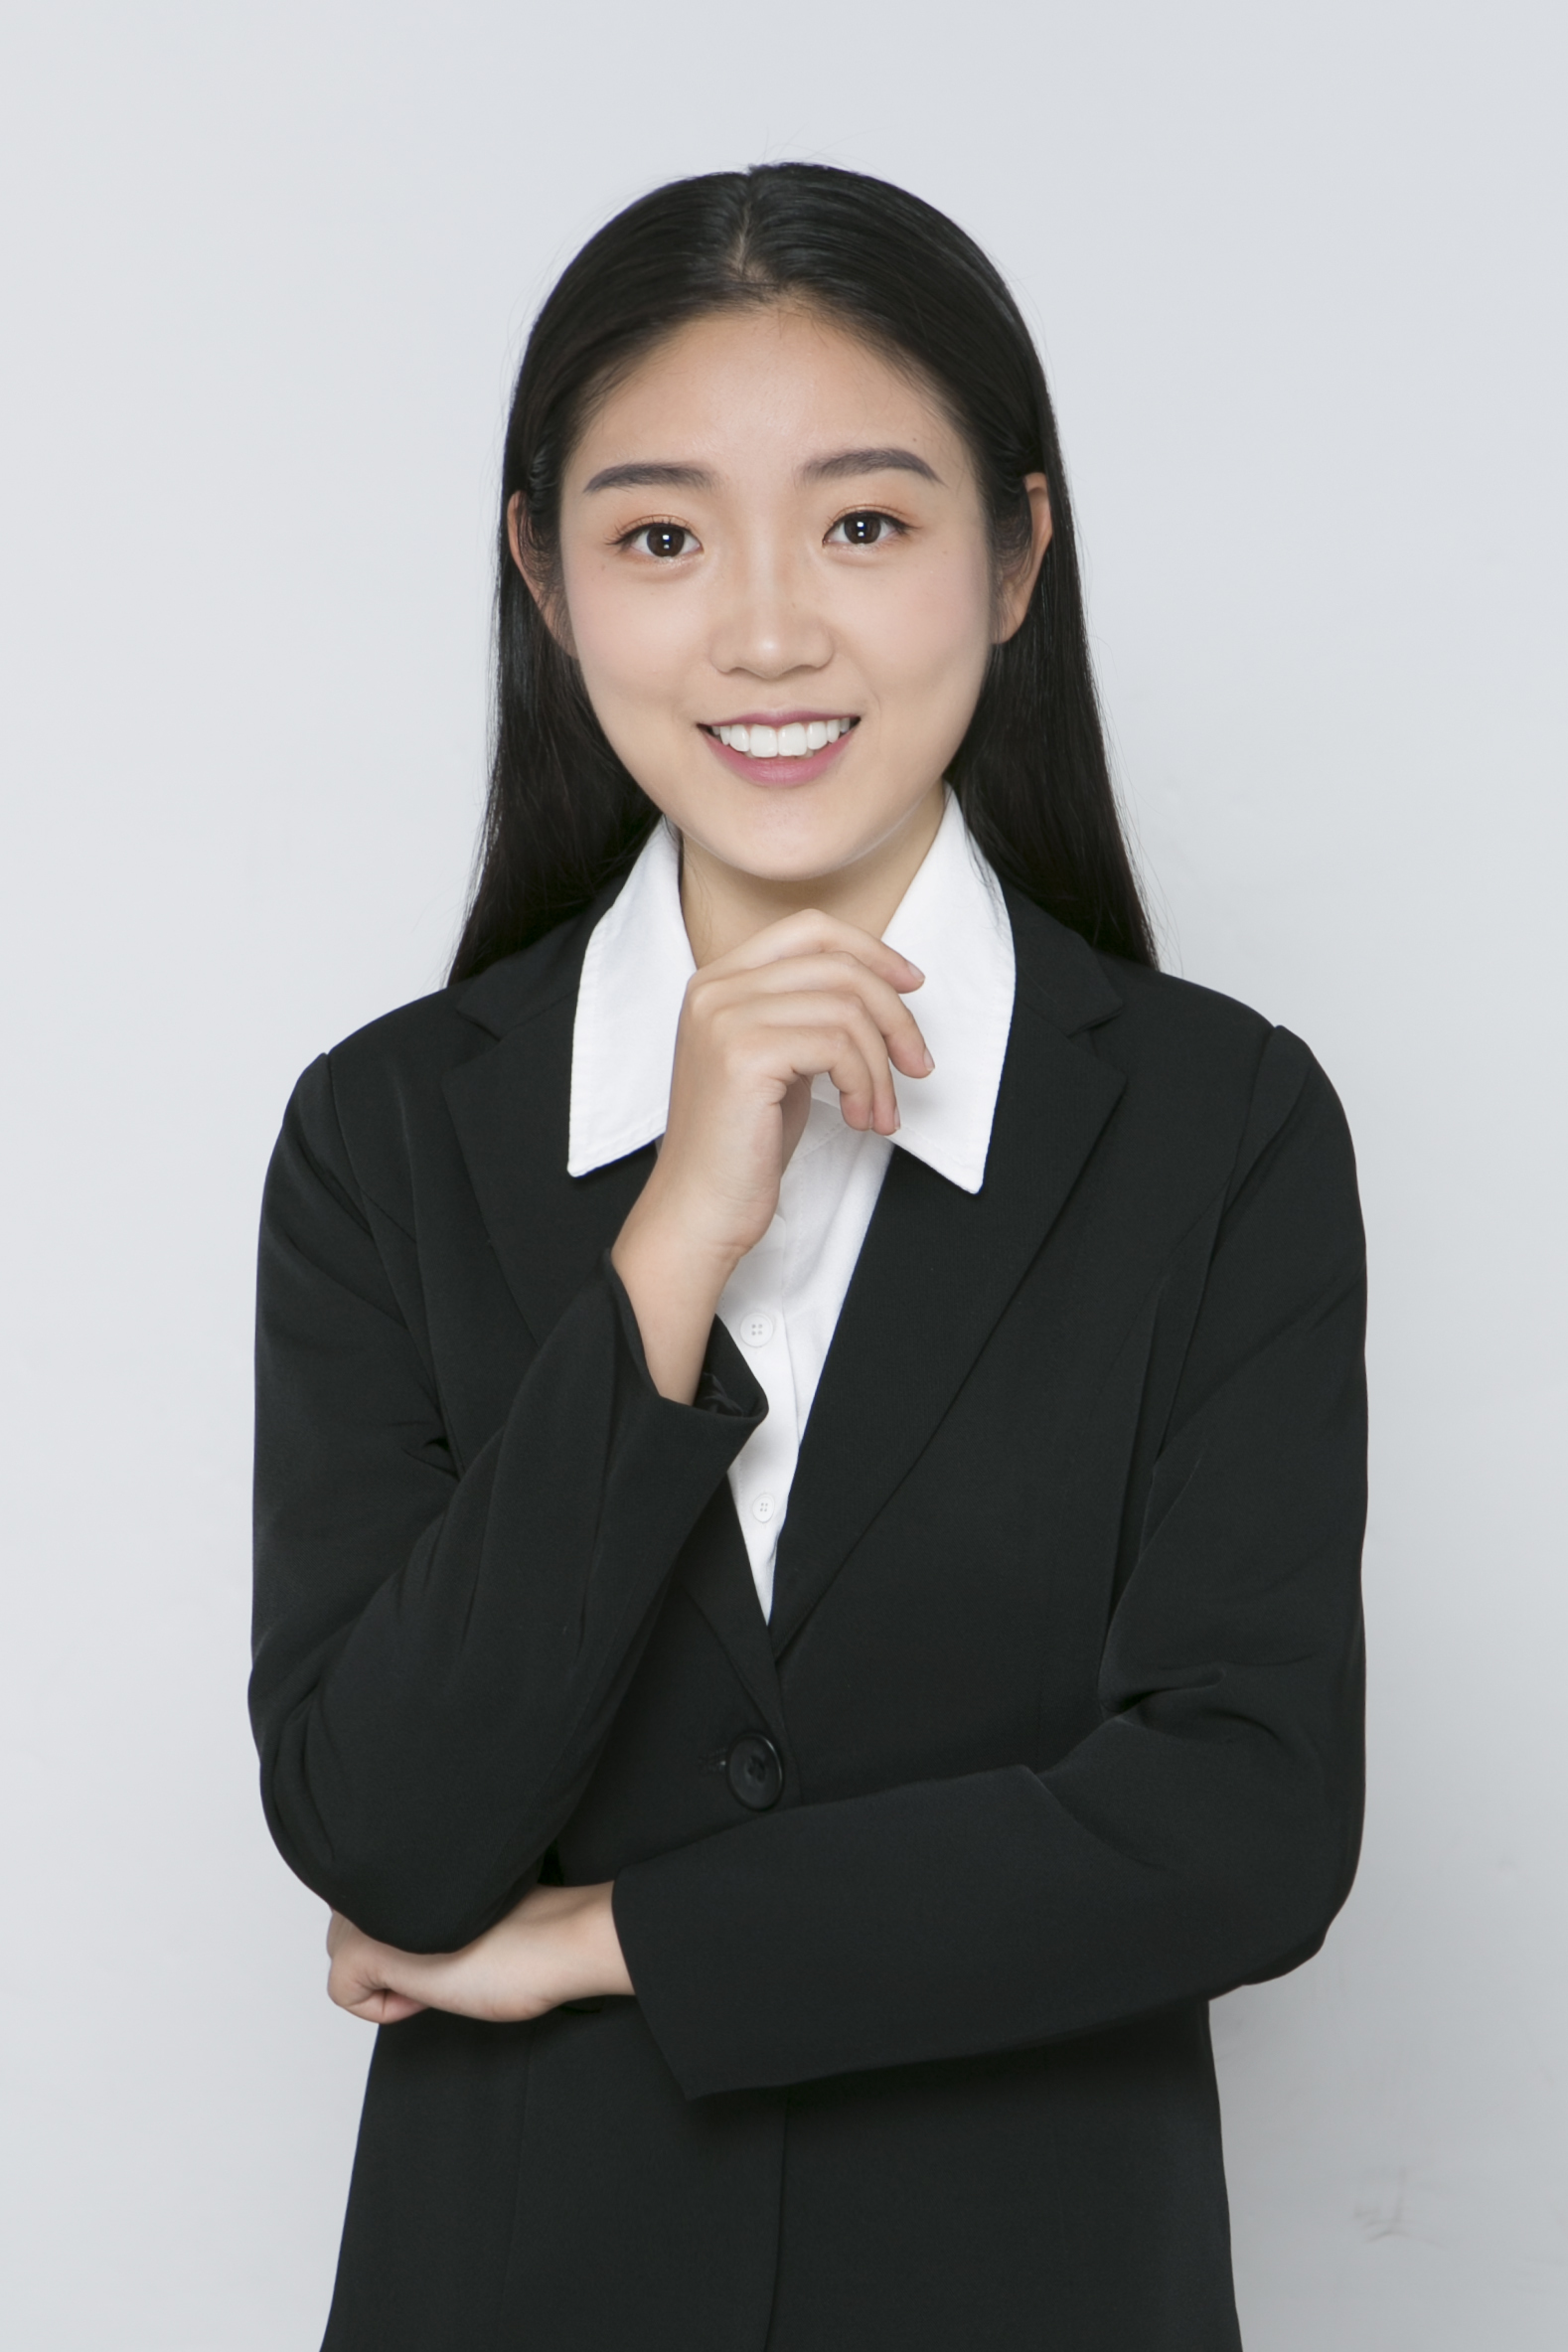 广州家教毕教员